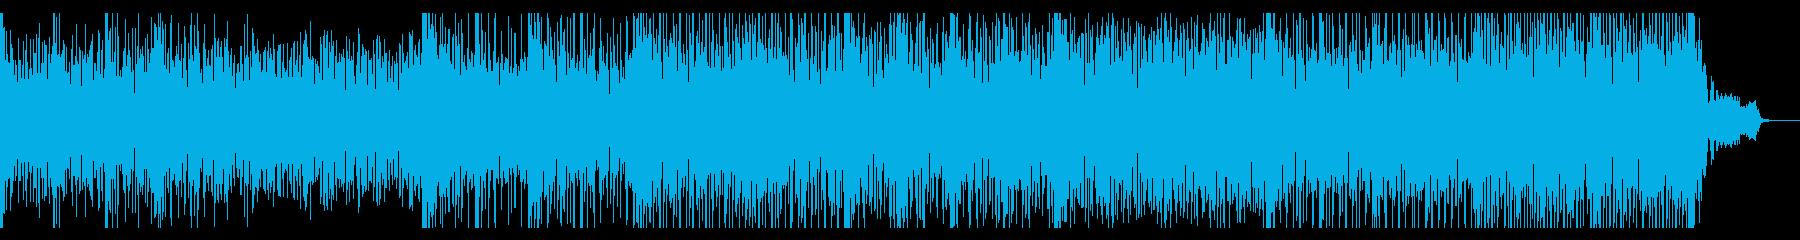 エスニックでダンサンブルなテクノの再生済みの波形